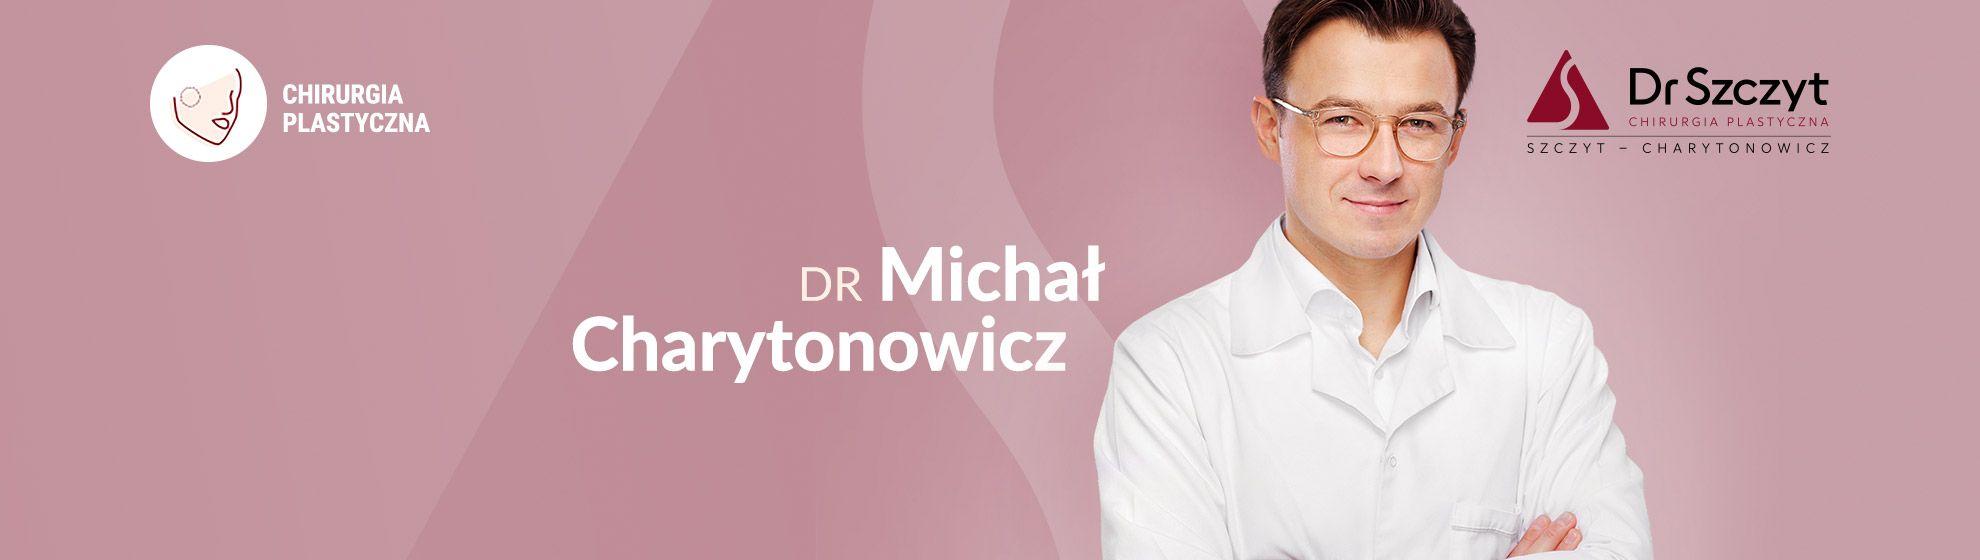 Dr Michał Charytonowicz Specjalista Chirurgii Plastycznej